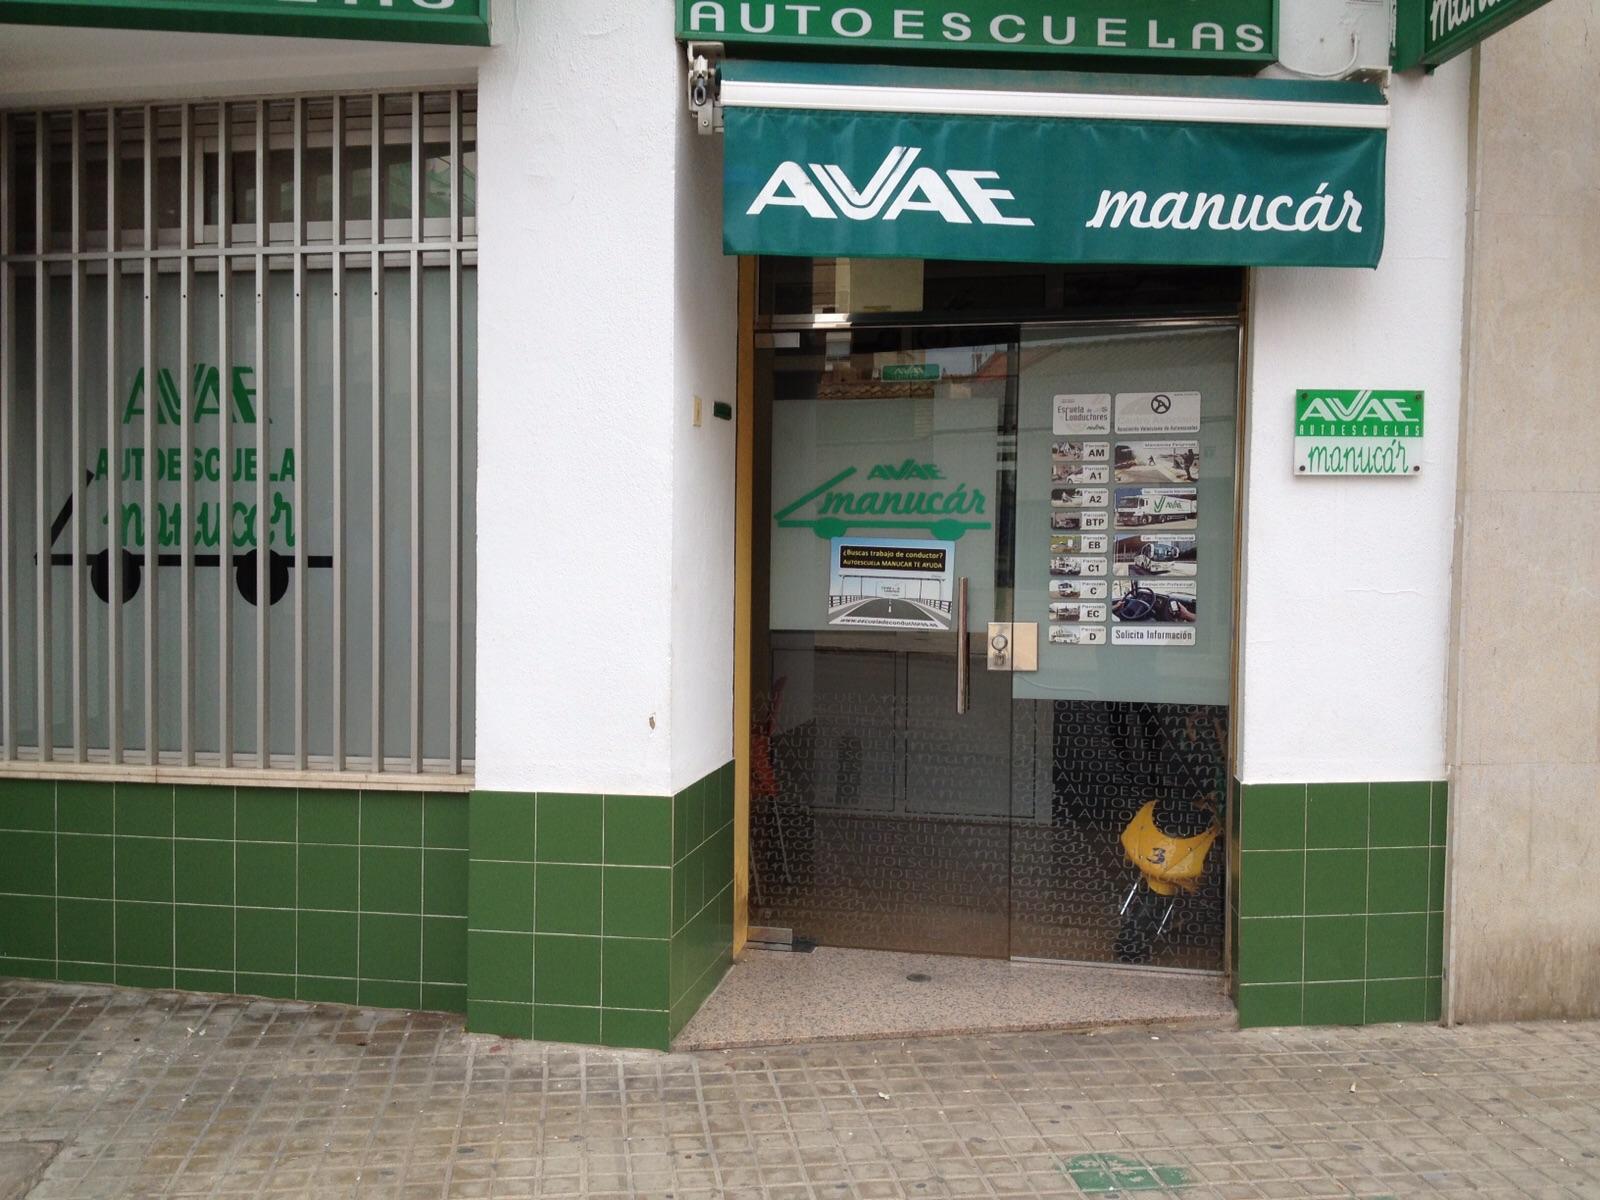 Autoescuela Manucar en Moncada